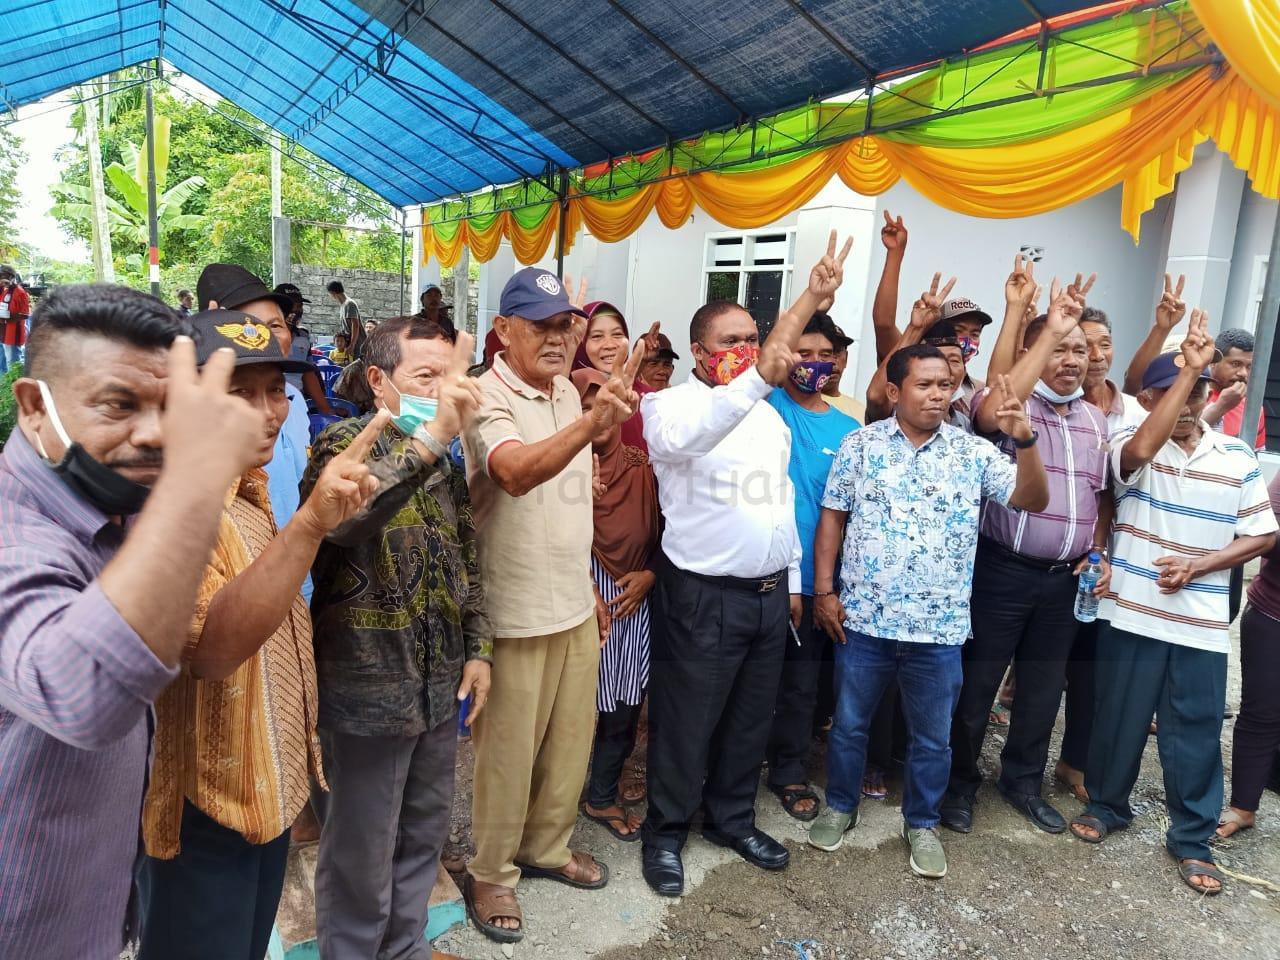 Hermus Sampaikan Ini Saat Warga Kampung Wapramasi Keluhkan Air Bersih, Irigasi Sering Kotor 18 IMG 20201127 WA0032